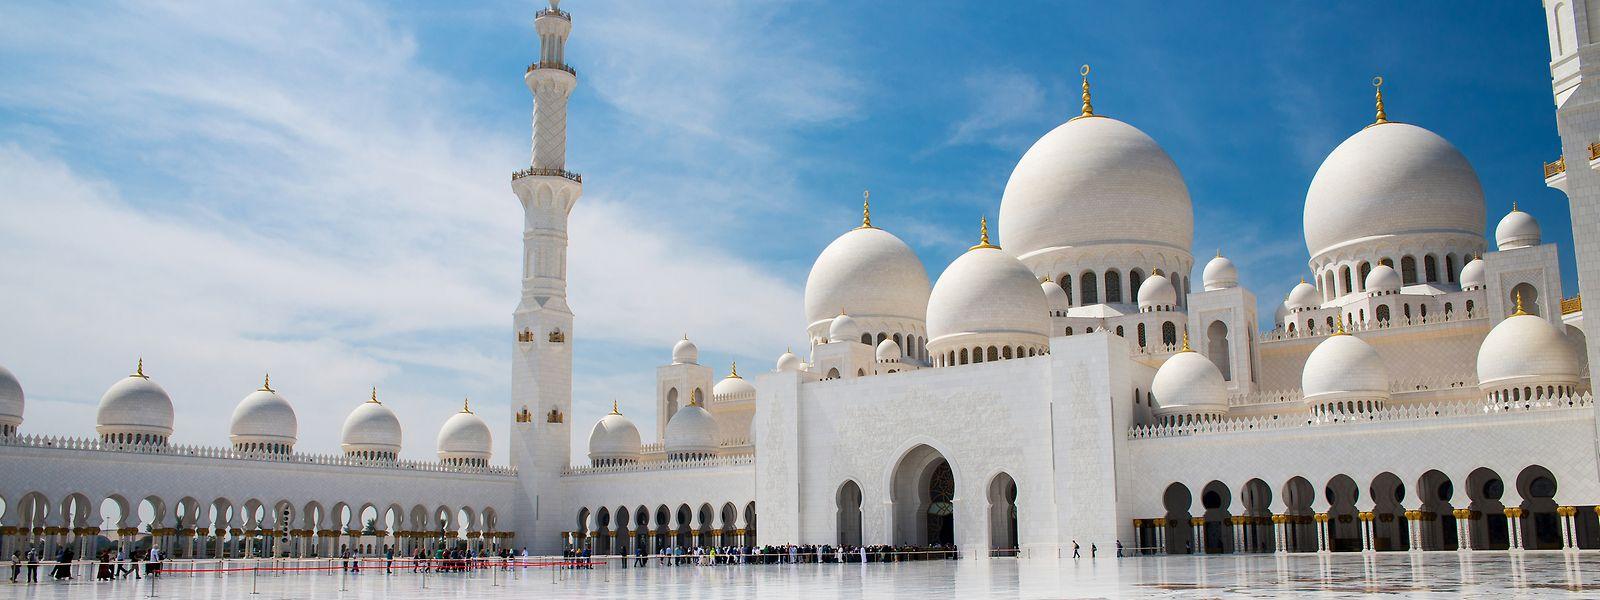 Die Scheich-Zayid-Moschee ist weit über die Grenzen Abu Dhabis hinaus bekannt. Sie gilt als größte Moschee in den Vereinigten Arabischen Emiraten und ist auch unter den größten der Welt vorne mit dabei.